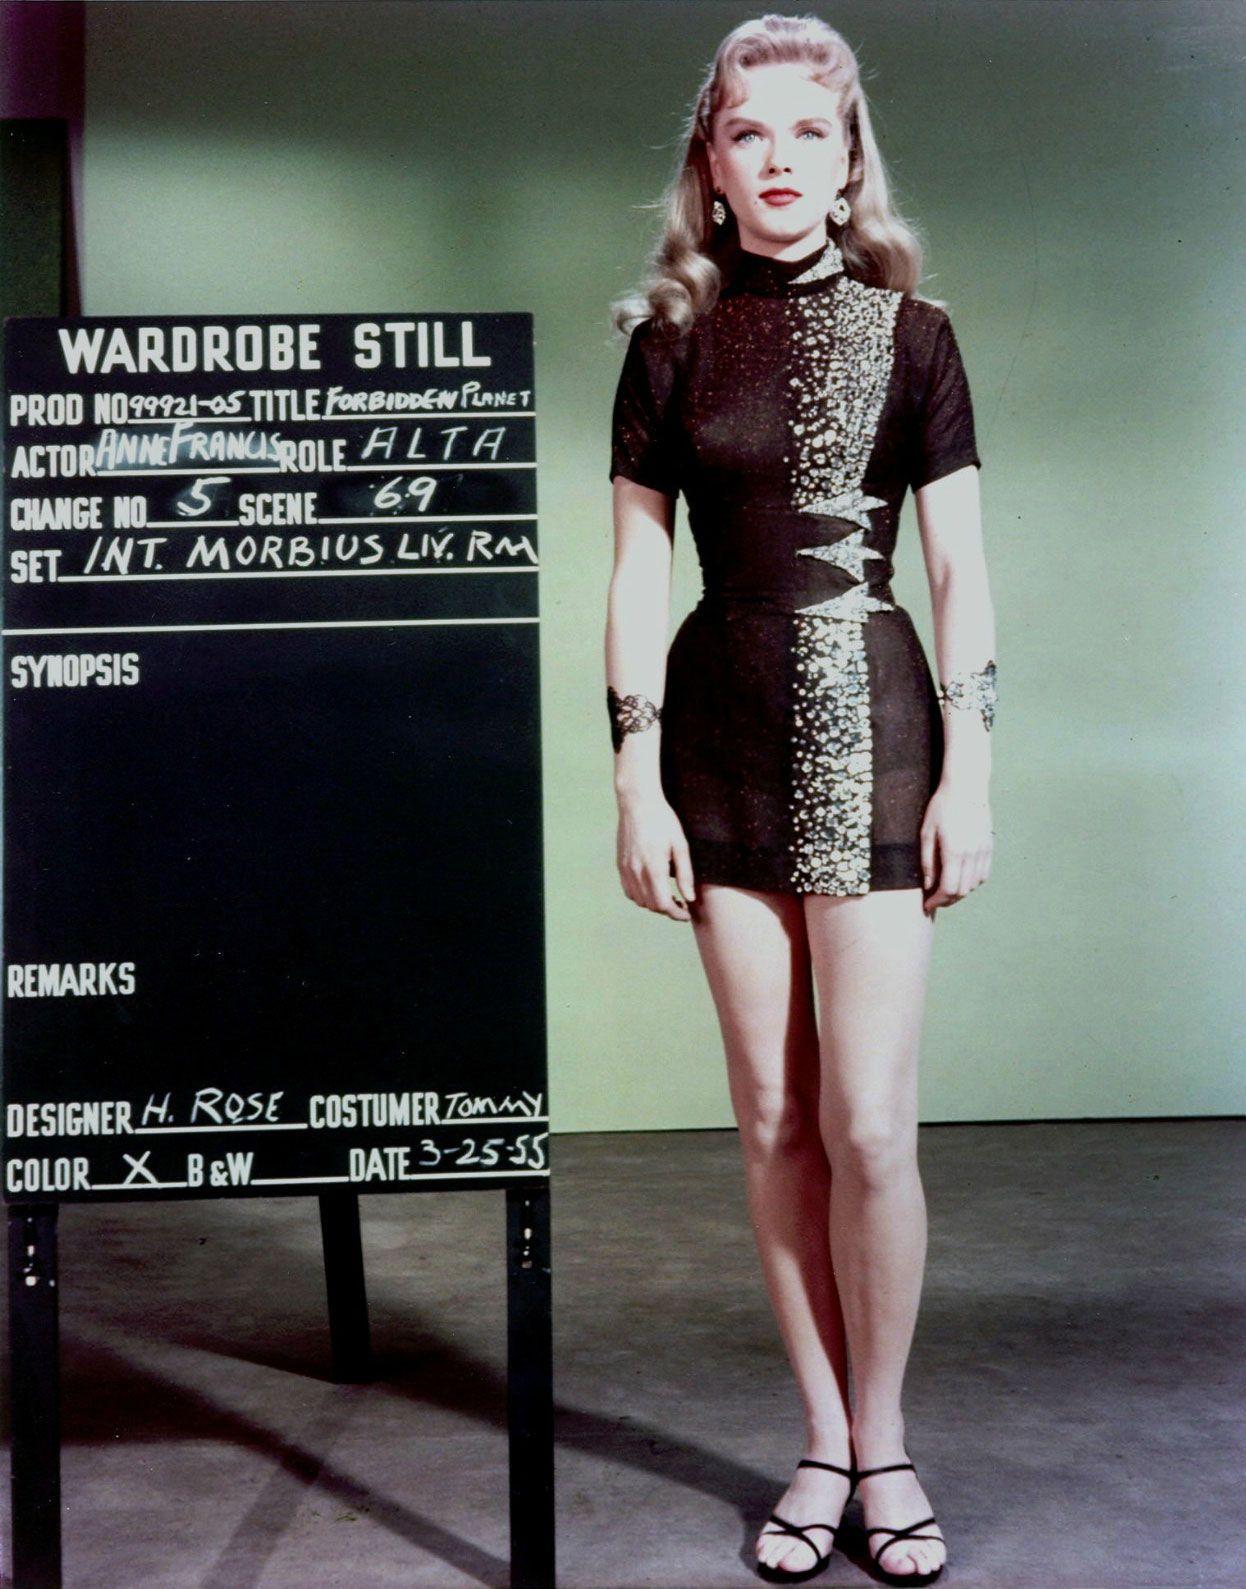 e138a7fd9da9 Anne Francis wardrobe test as